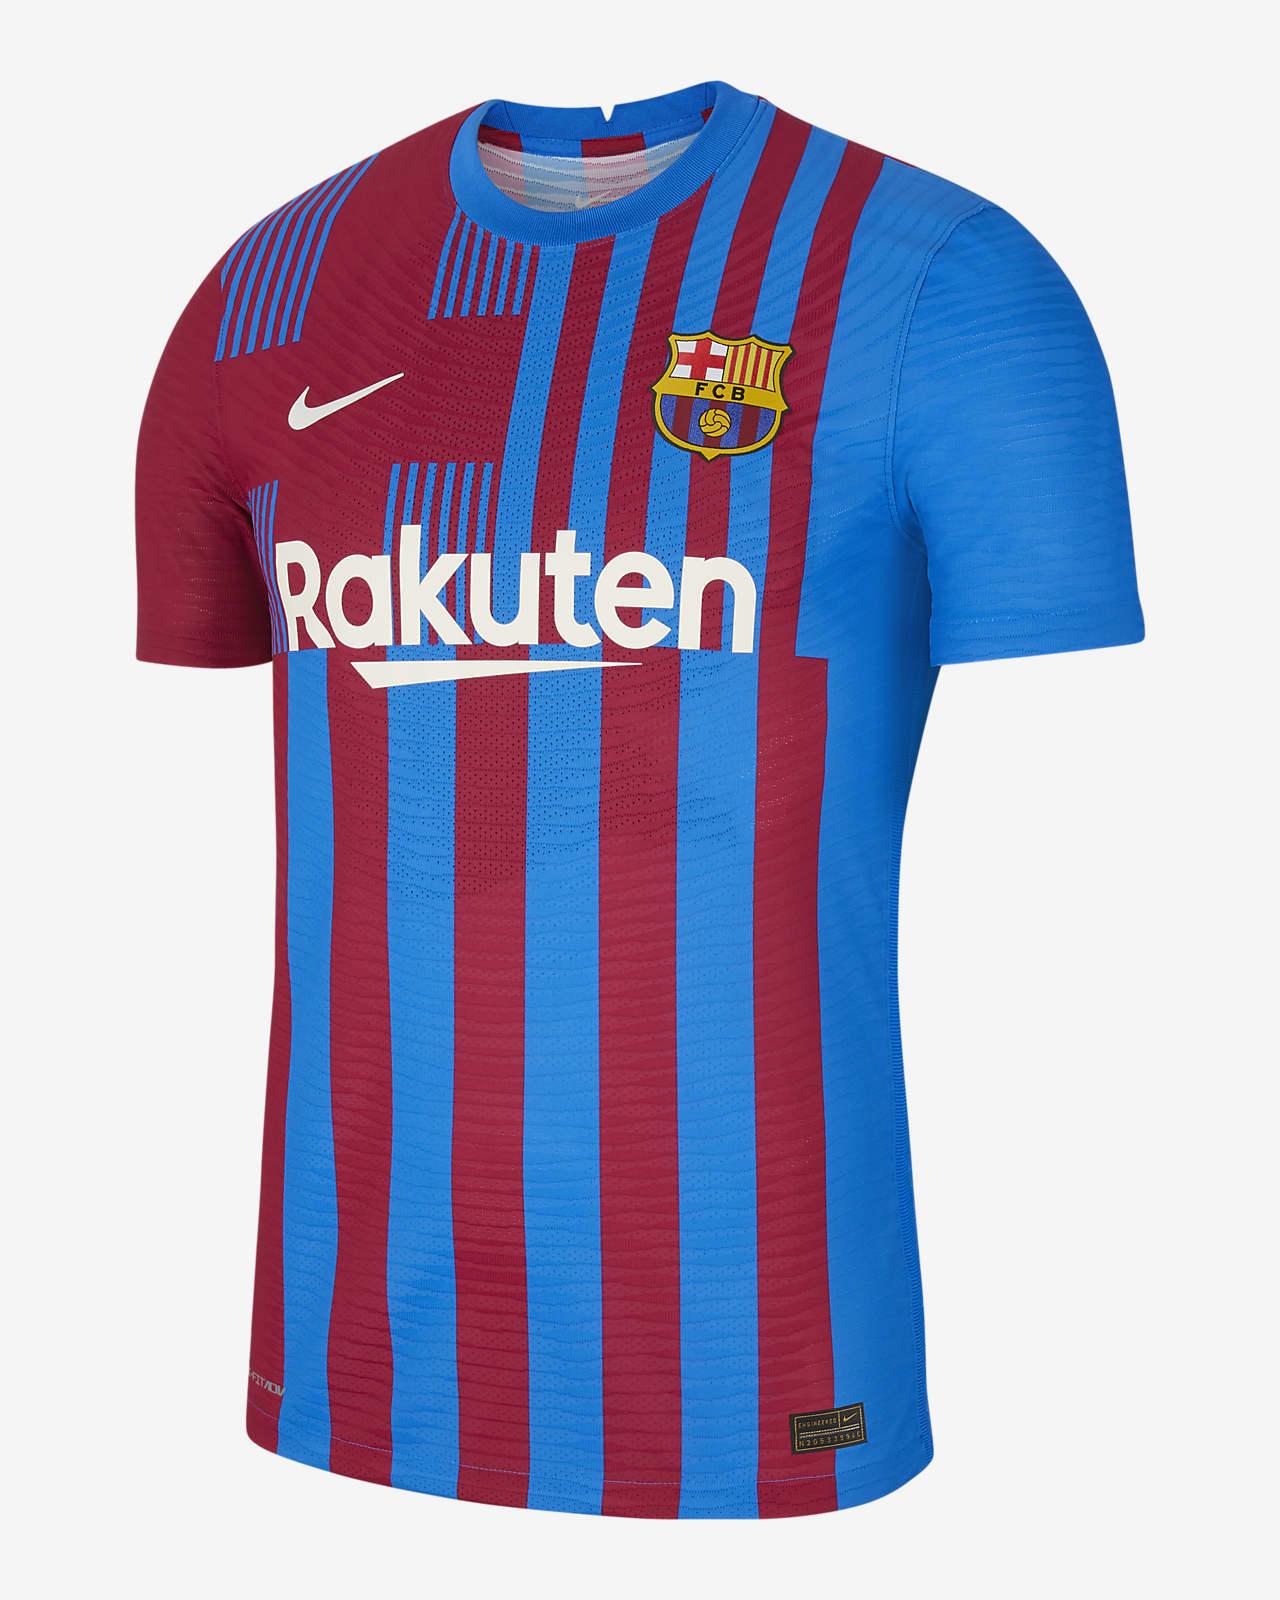 Maglia da calcio Nike Dri-FIT ADV FC Barcelona 2021/22 Match da uomo - Home